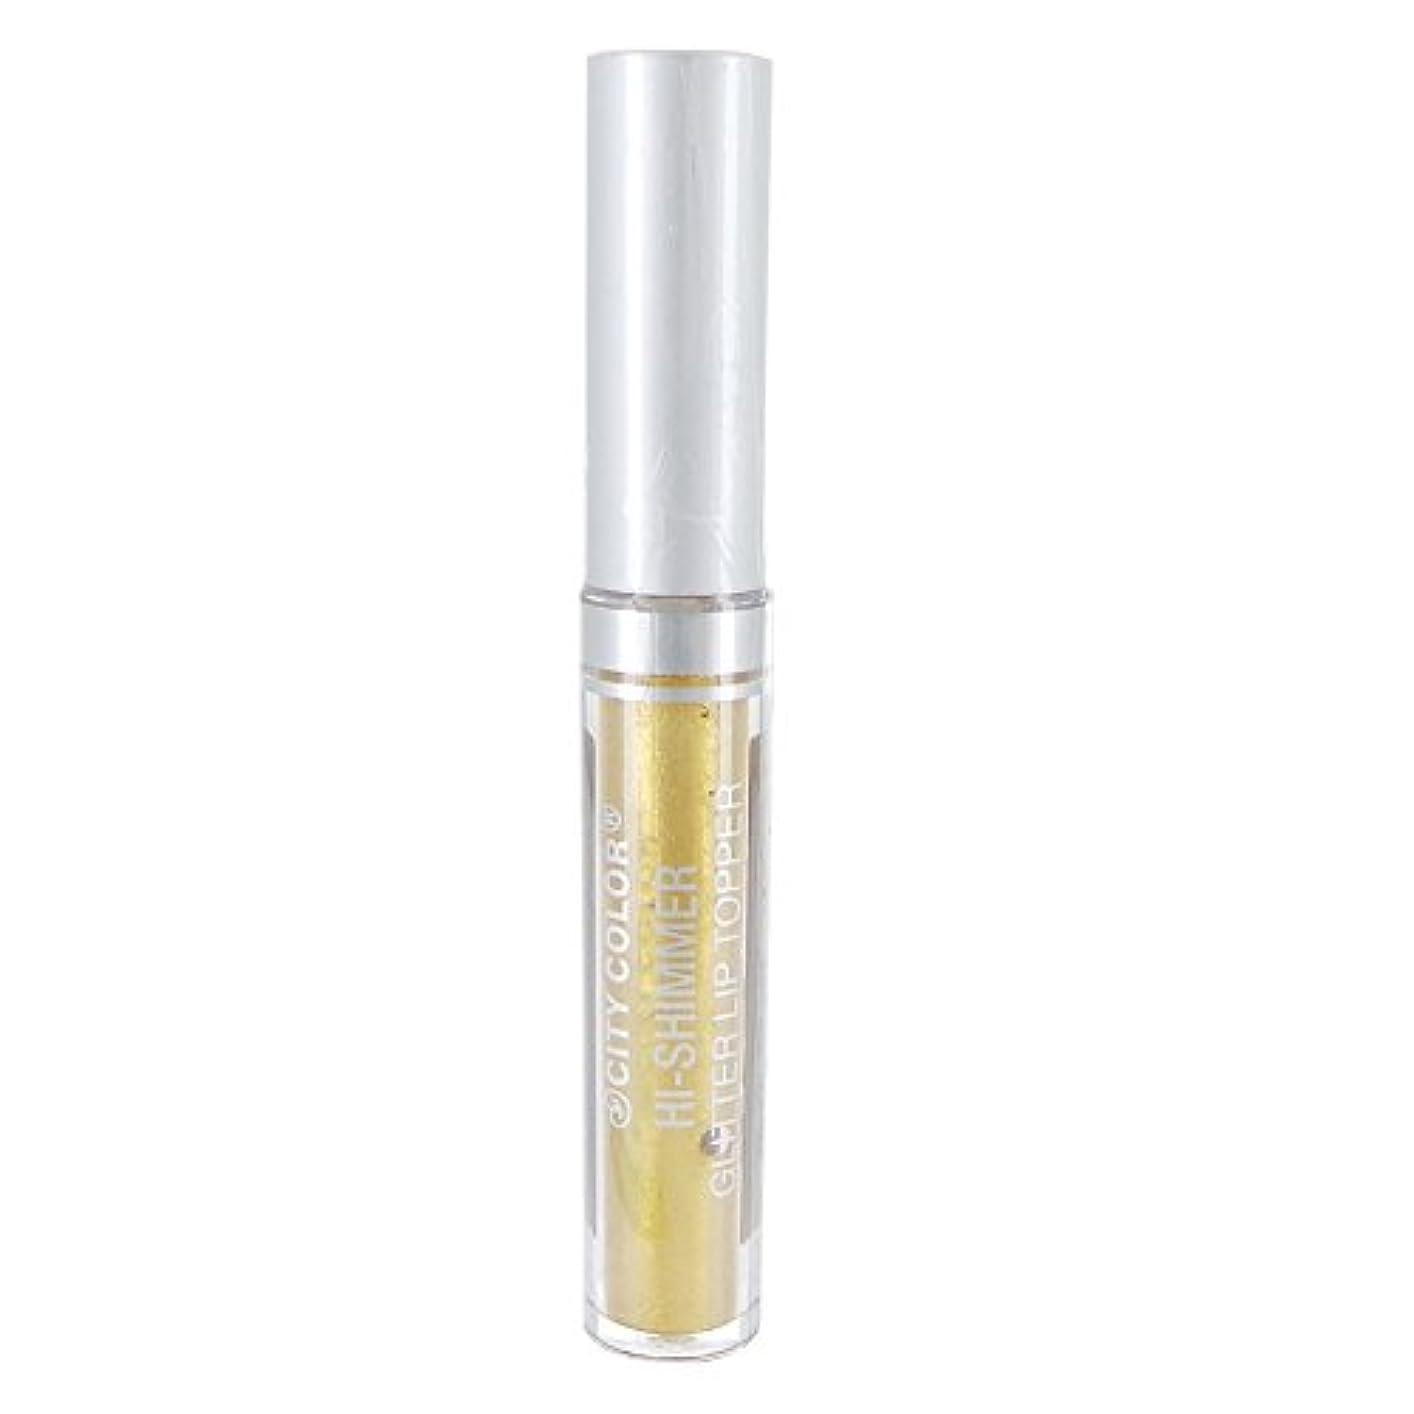 誕生発掘する起きるCITY COLOR Hi-Shimmer Glitter Lip Topper - Gold (並行輸入品)